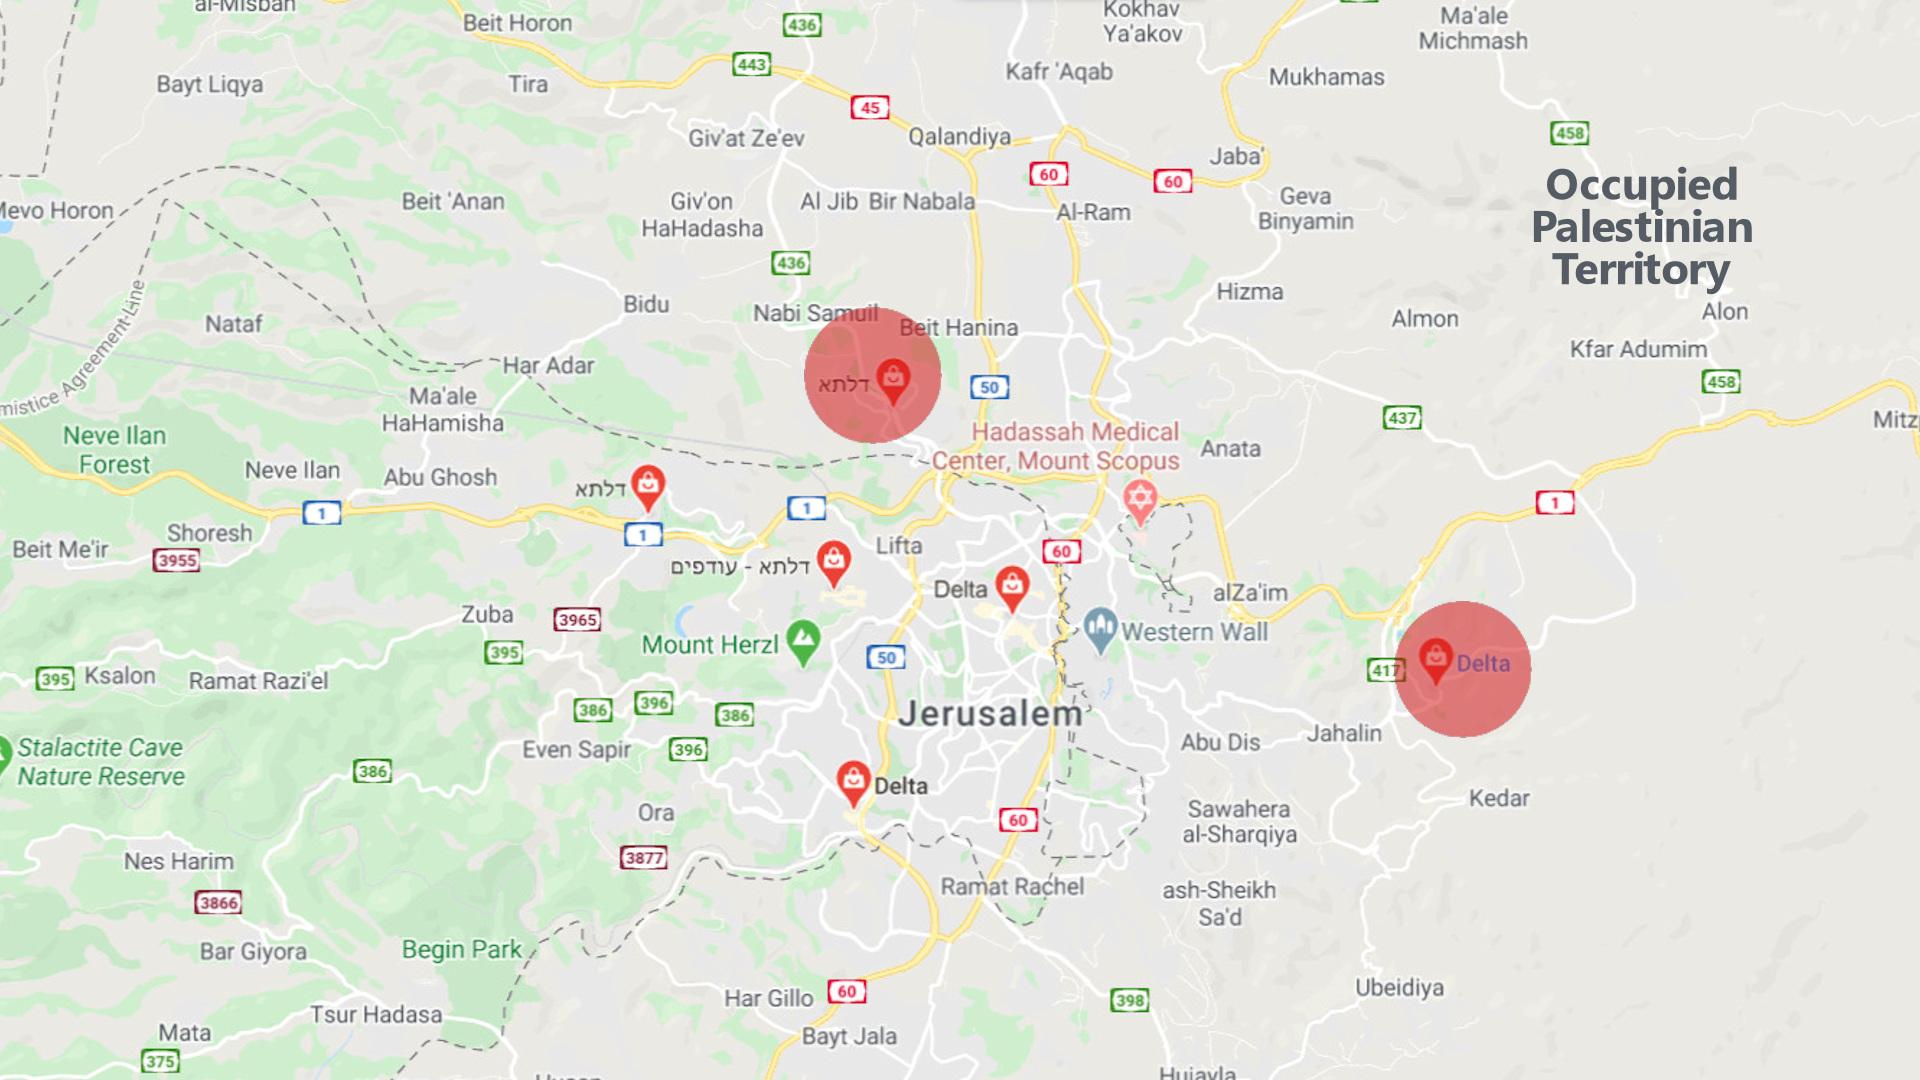 Il precedente, come anche l'attuale distributore esclusivo per Puma in Israele ha attività nelle colonie illegali